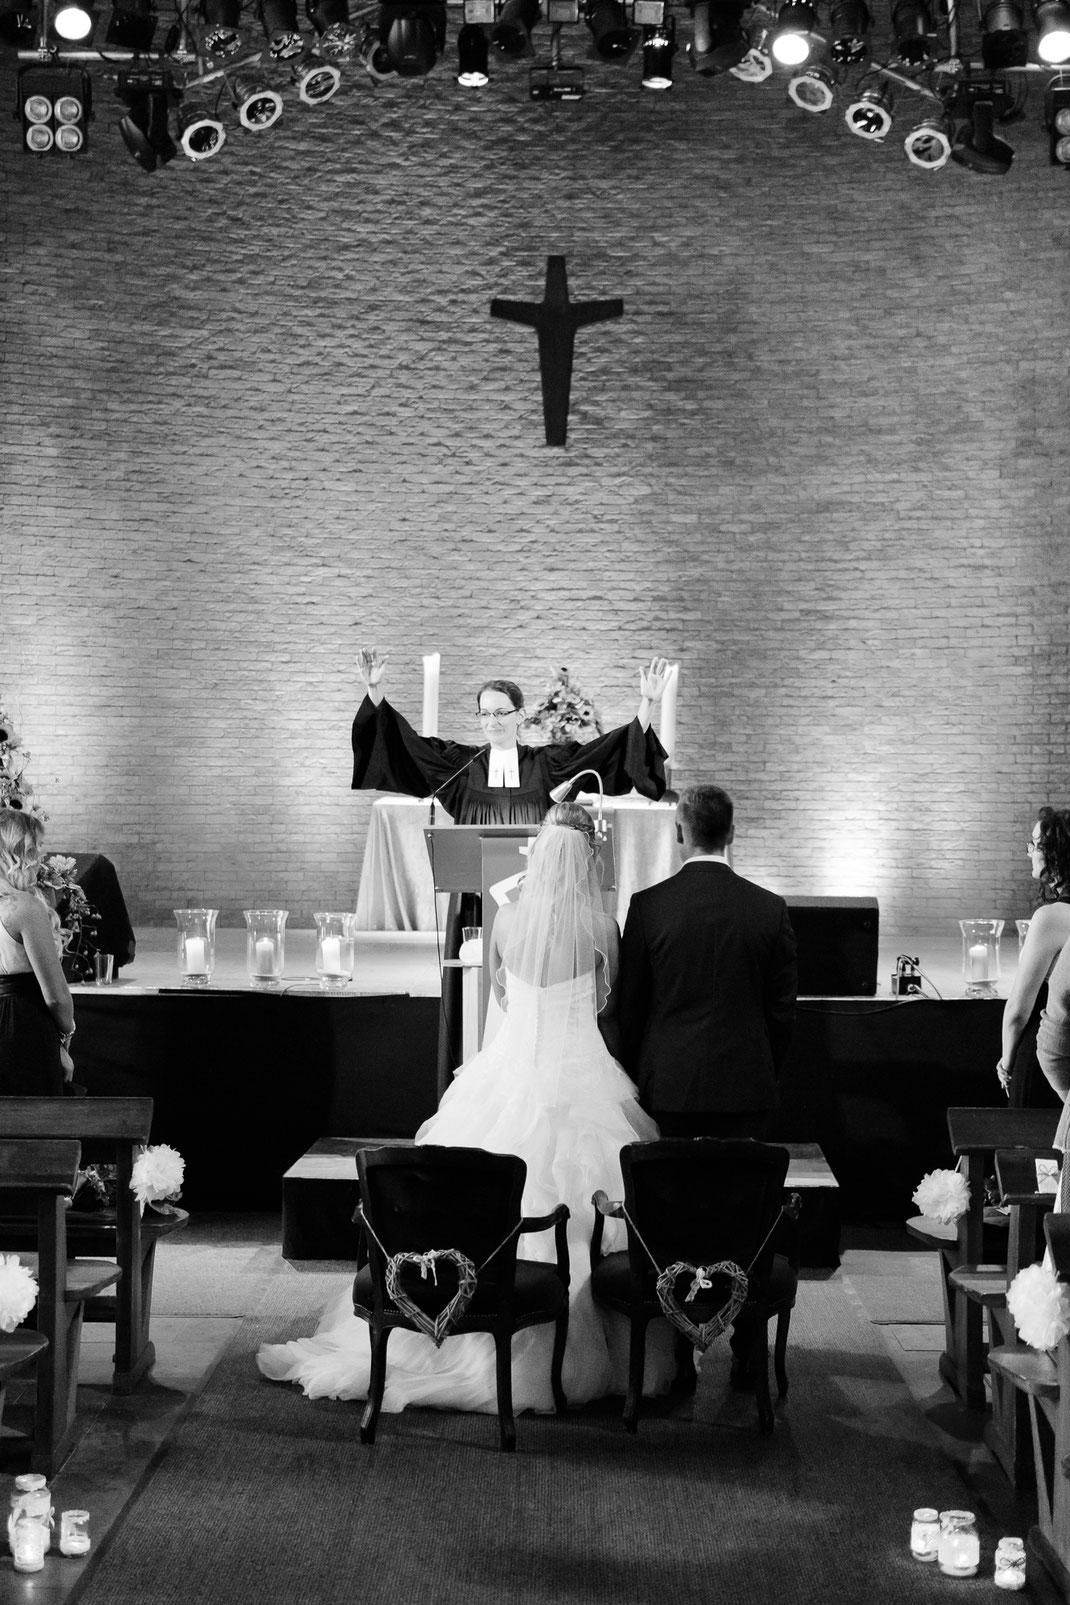 Hochzeitsgottesdienst in der Apo Tackenberg - Segen von Vikarin Janina Roth